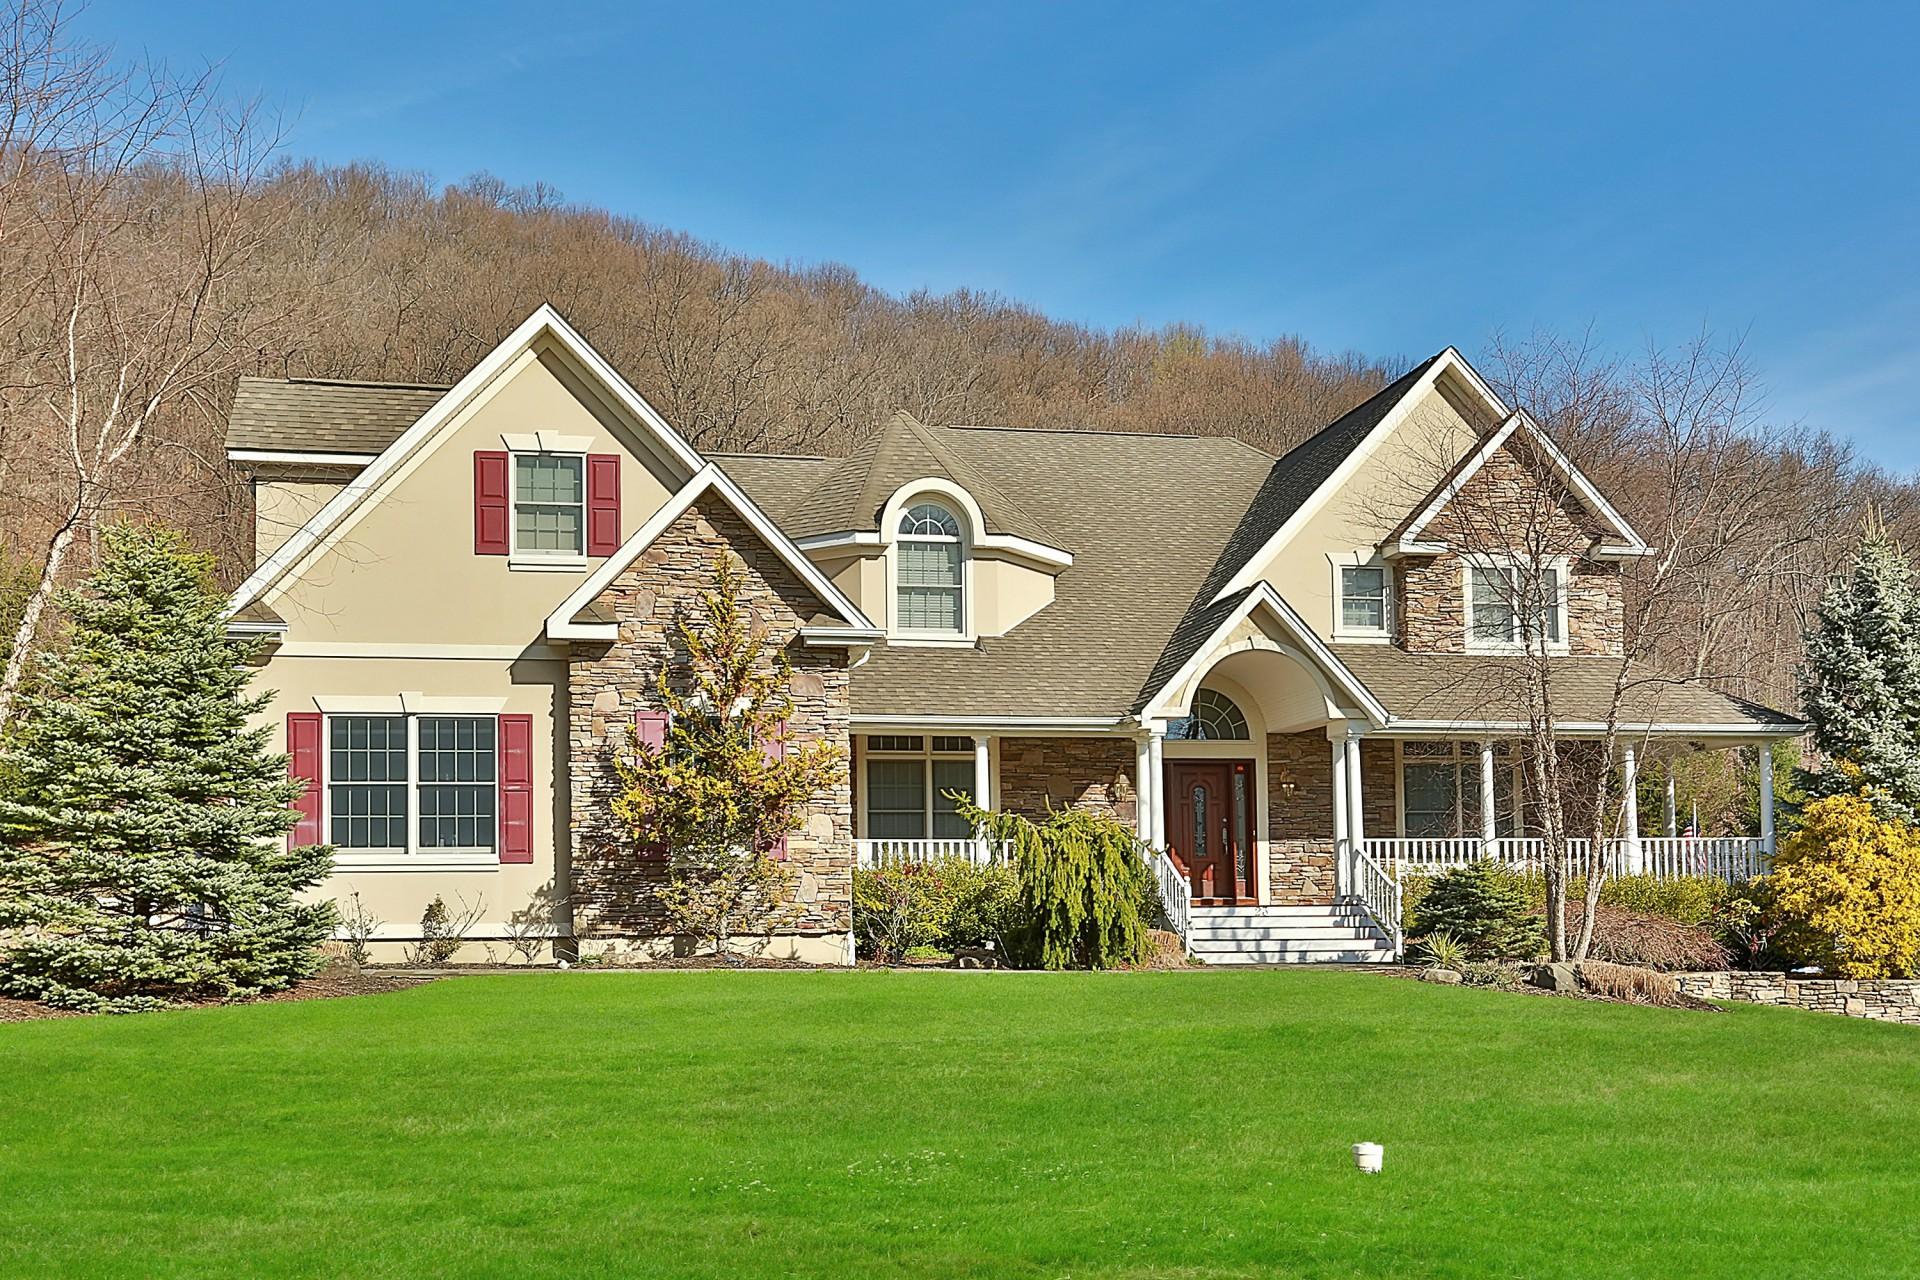 단독 가정 주택 용 매매 에 Stony Ridge Estates 23 Sandyfields Lane Stony Point, 뉴욕, 10980 미국